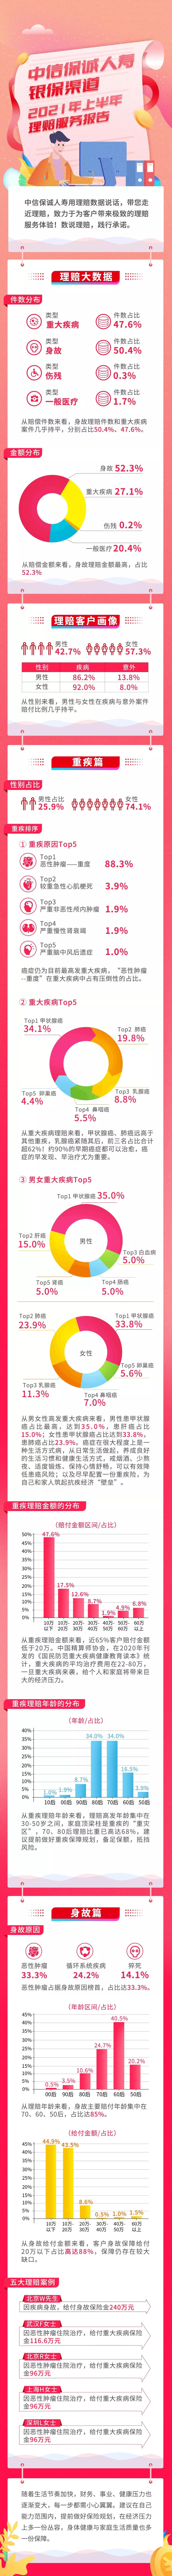 中信保诚人寿银保渠道2021年半年度理赔服务报告发布